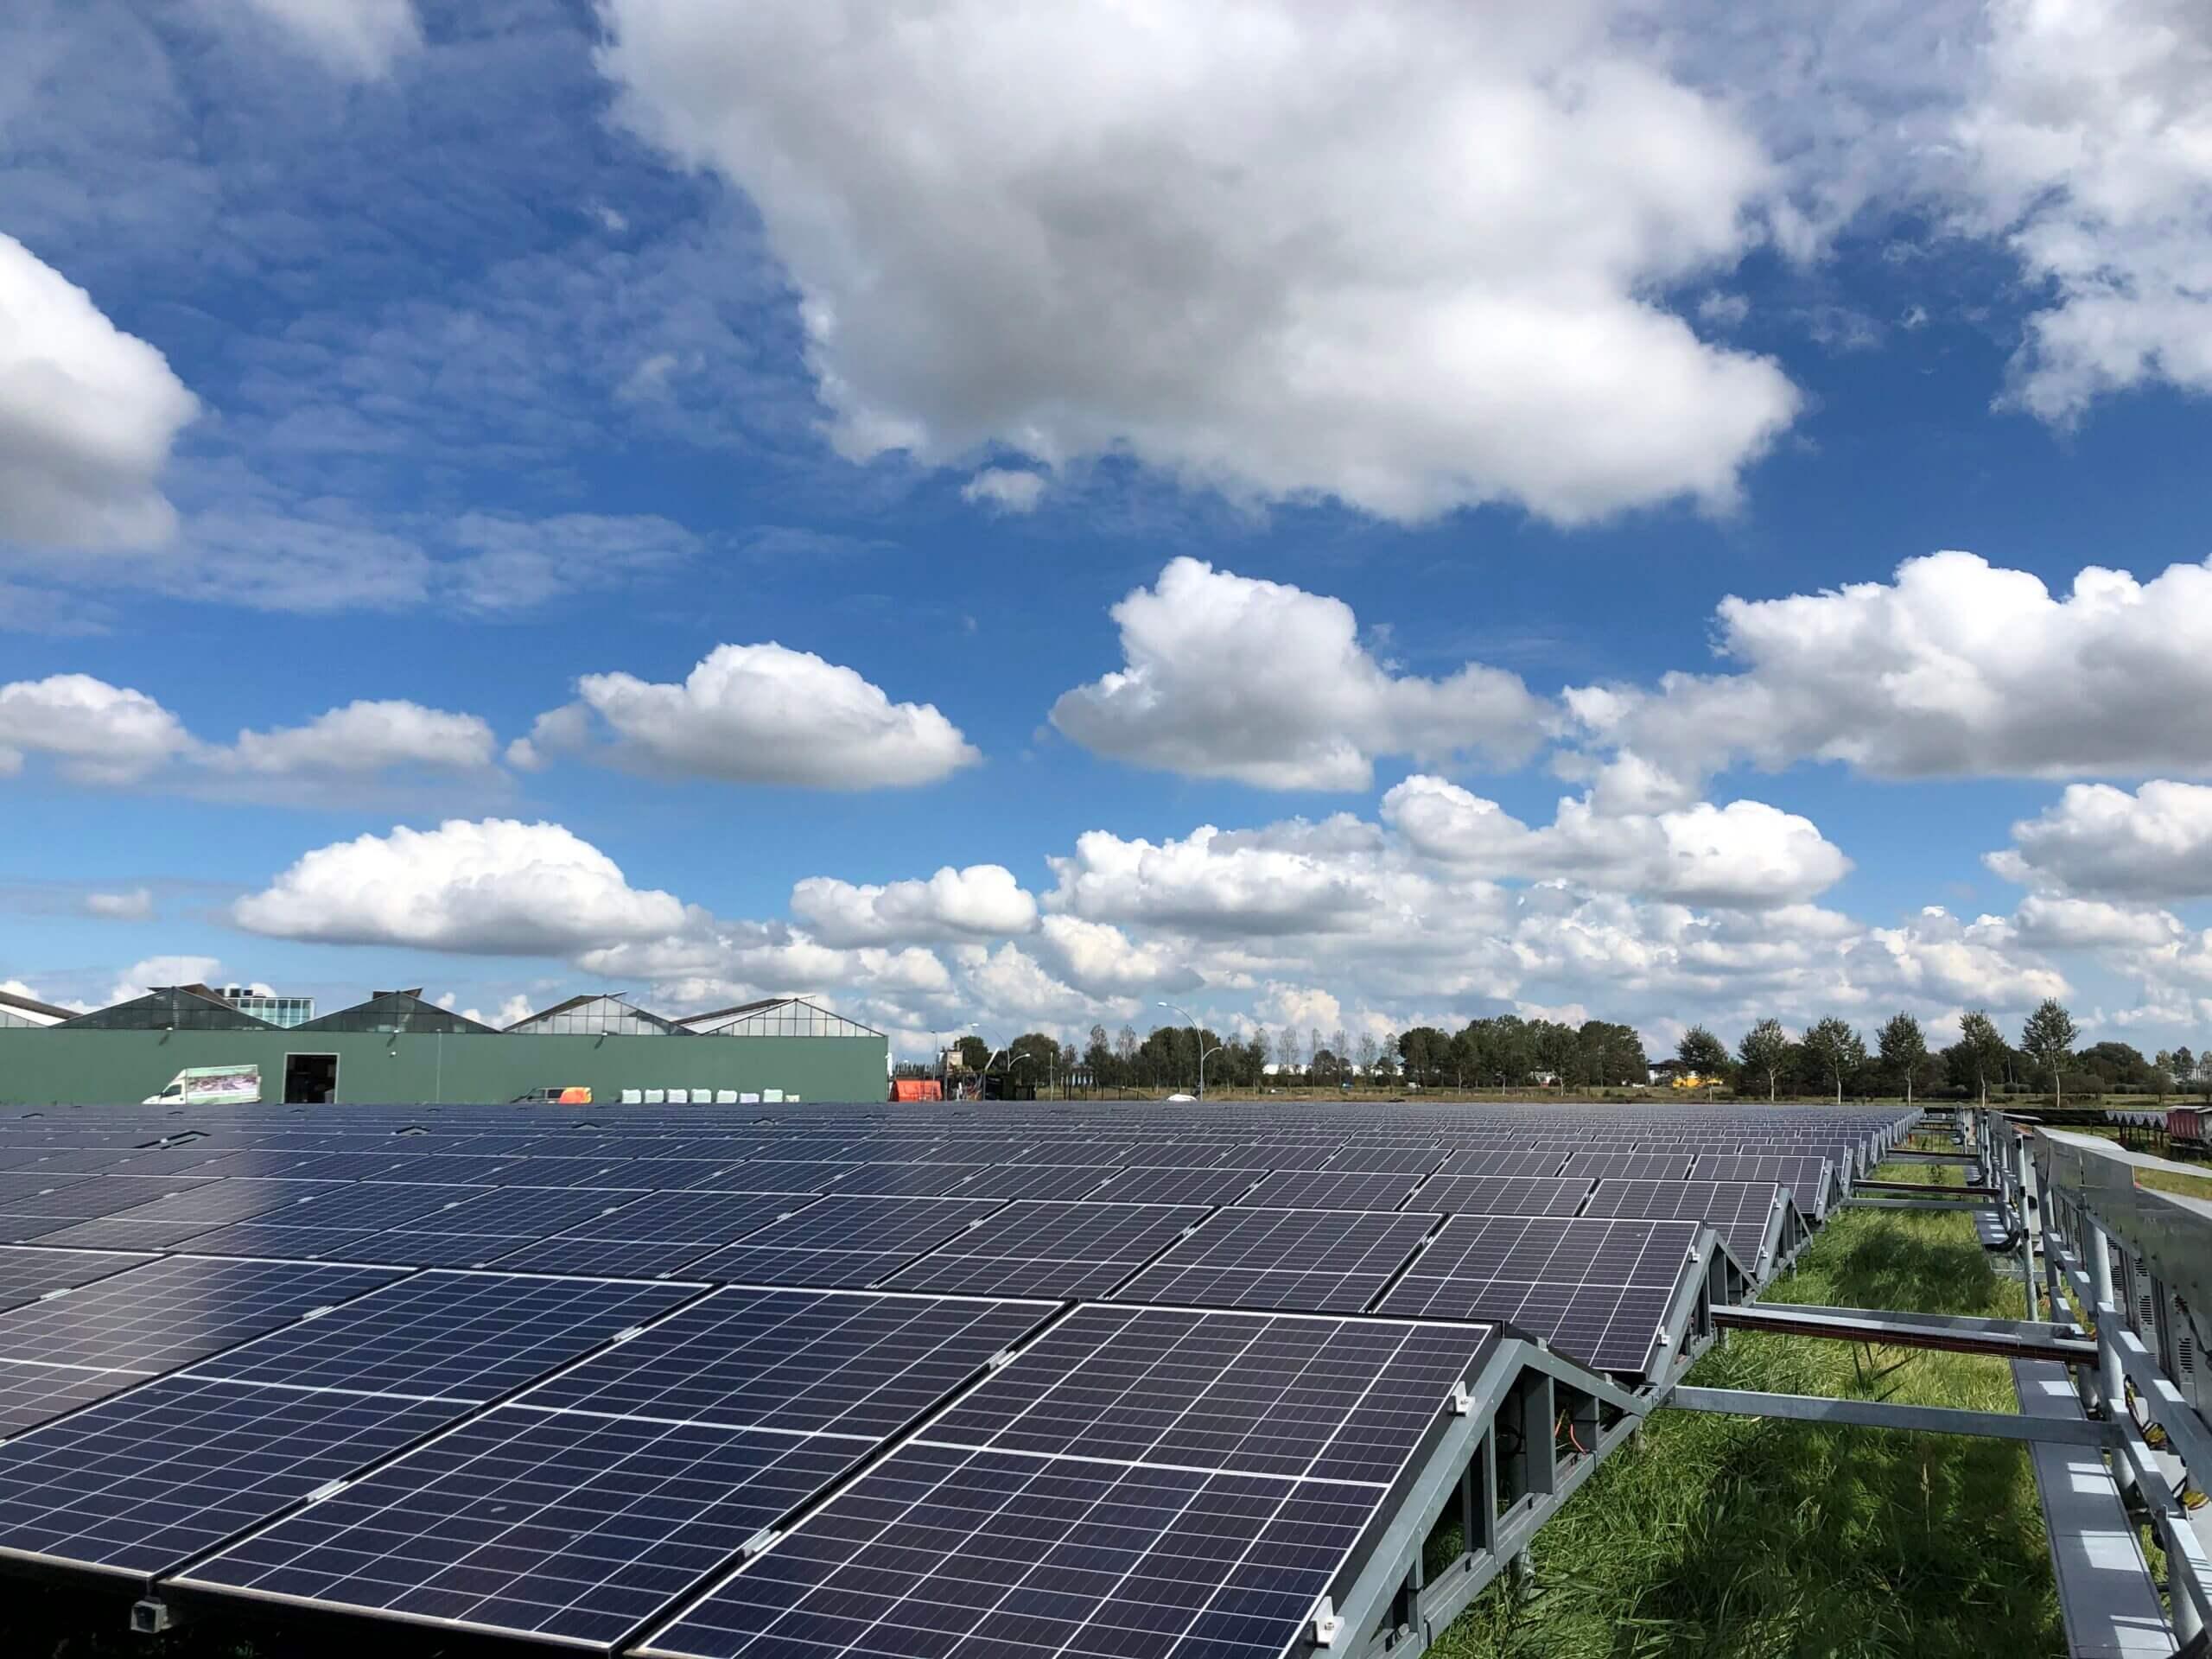 pv care zonnepanelen opbrengst 2020 middelburg